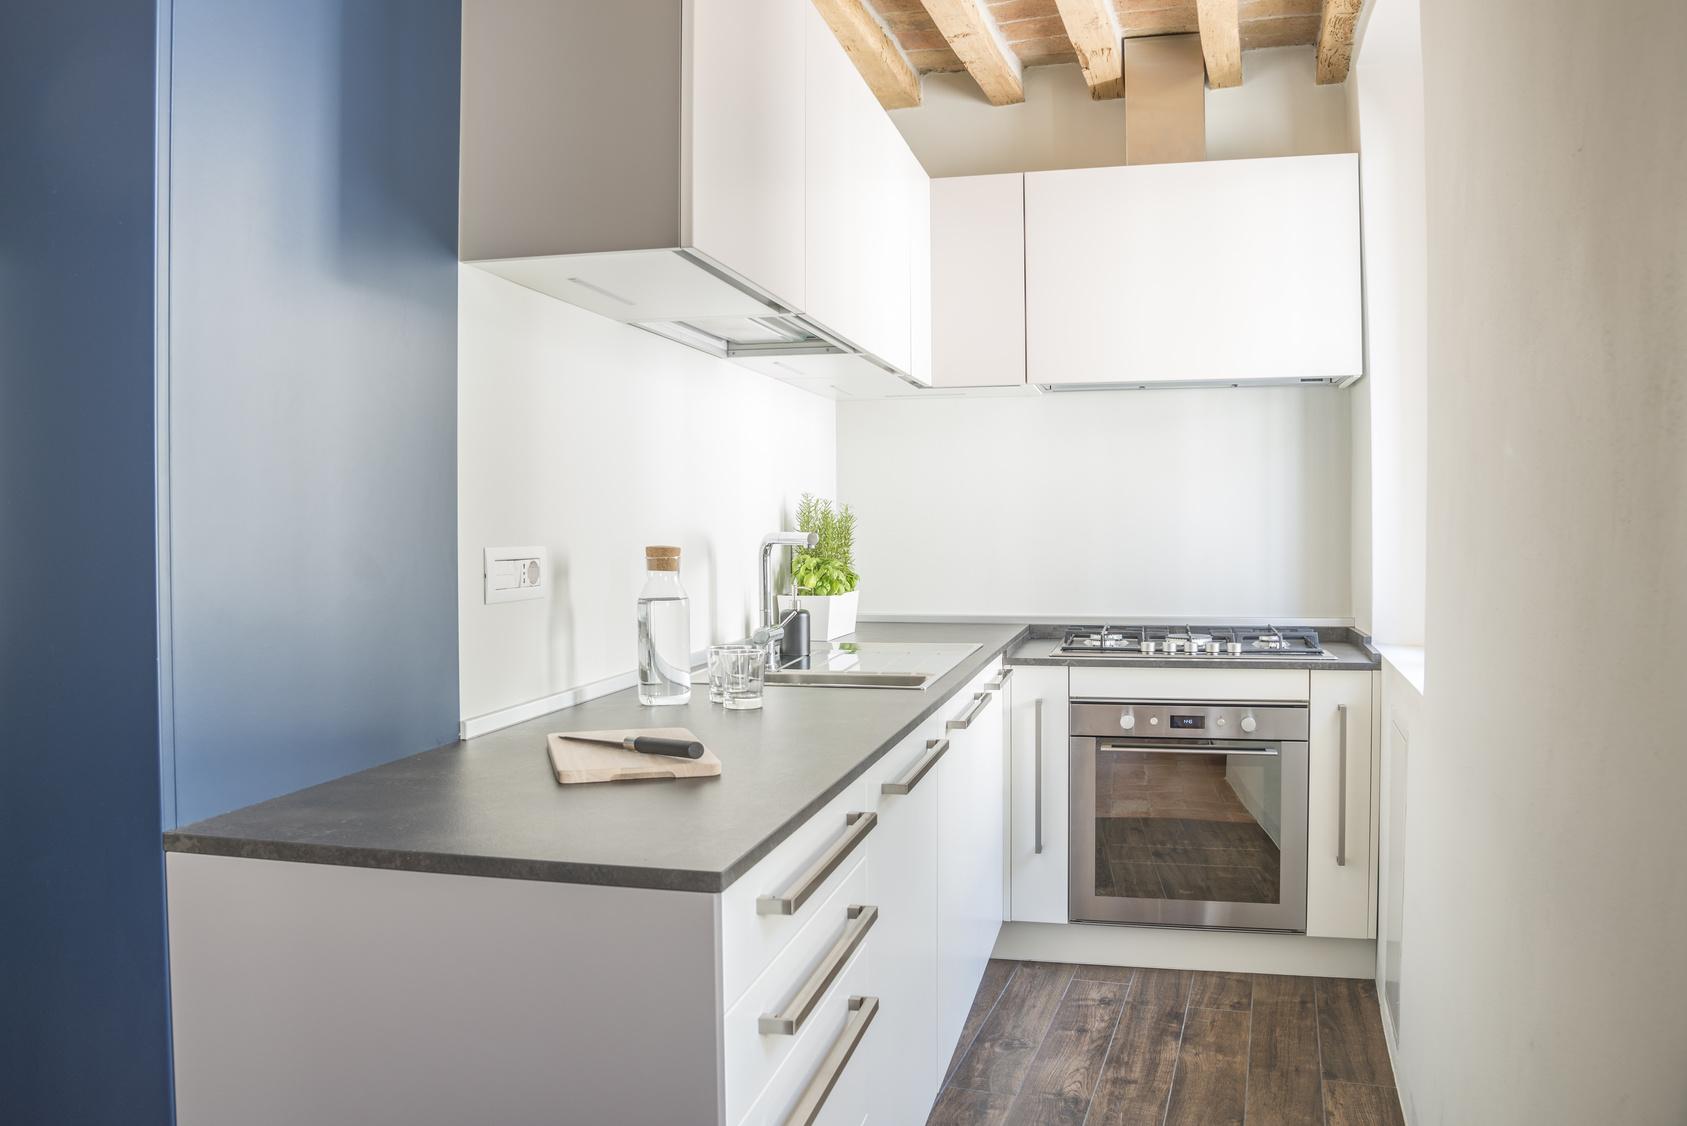 r novation d 39 une cuisine 69001 lyon action travaux 69. Black Bedroom Furniture Sets. Home Design Ideas